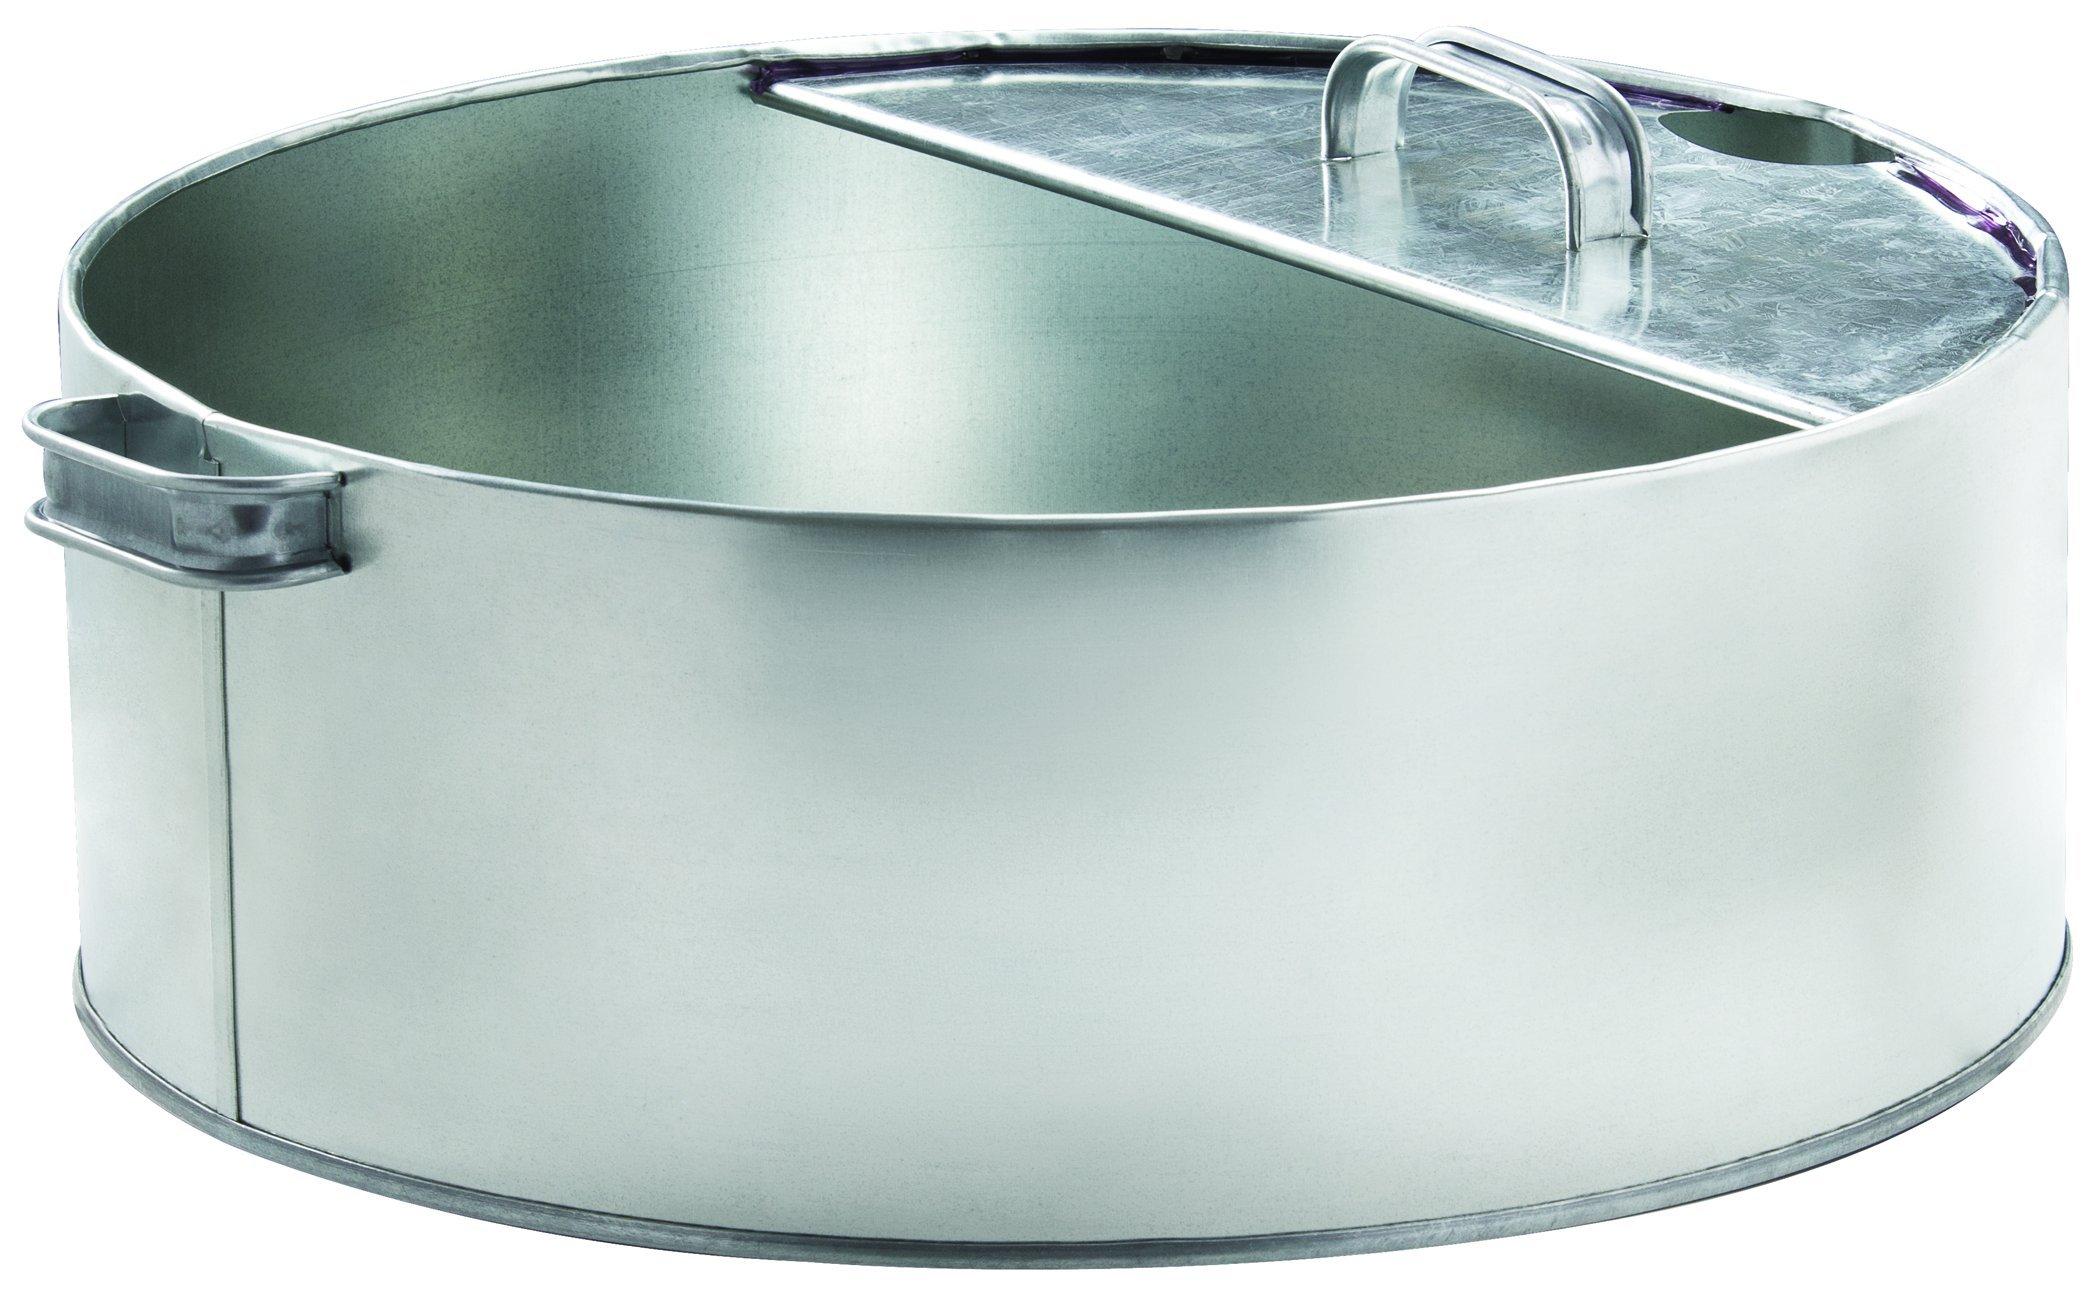 Plews 75-750 Radiator Drain Pan